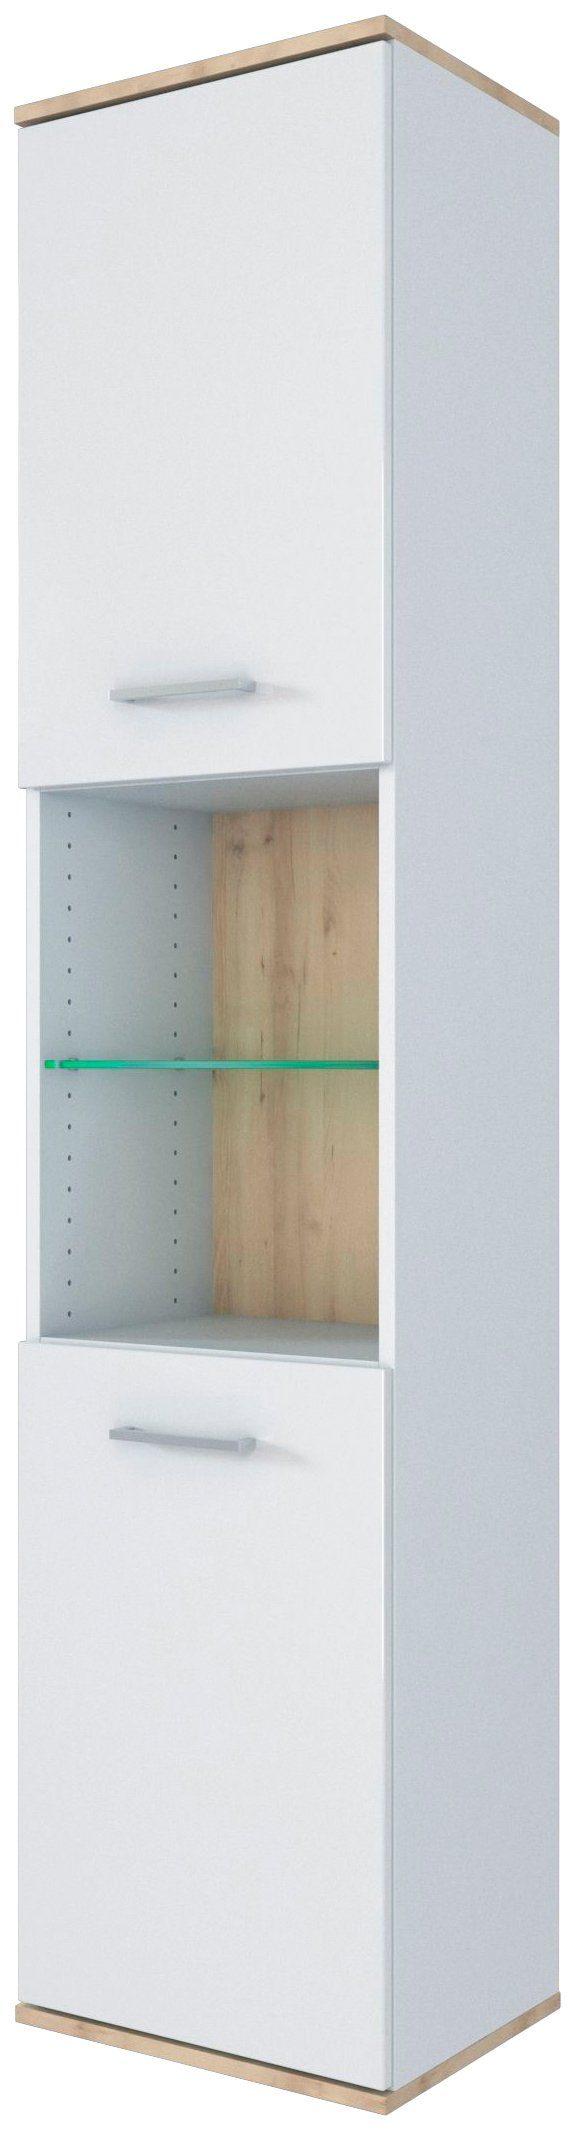 HELD MÖBEL Seitenschrank »Lynd«, BxH: 40x183 cm